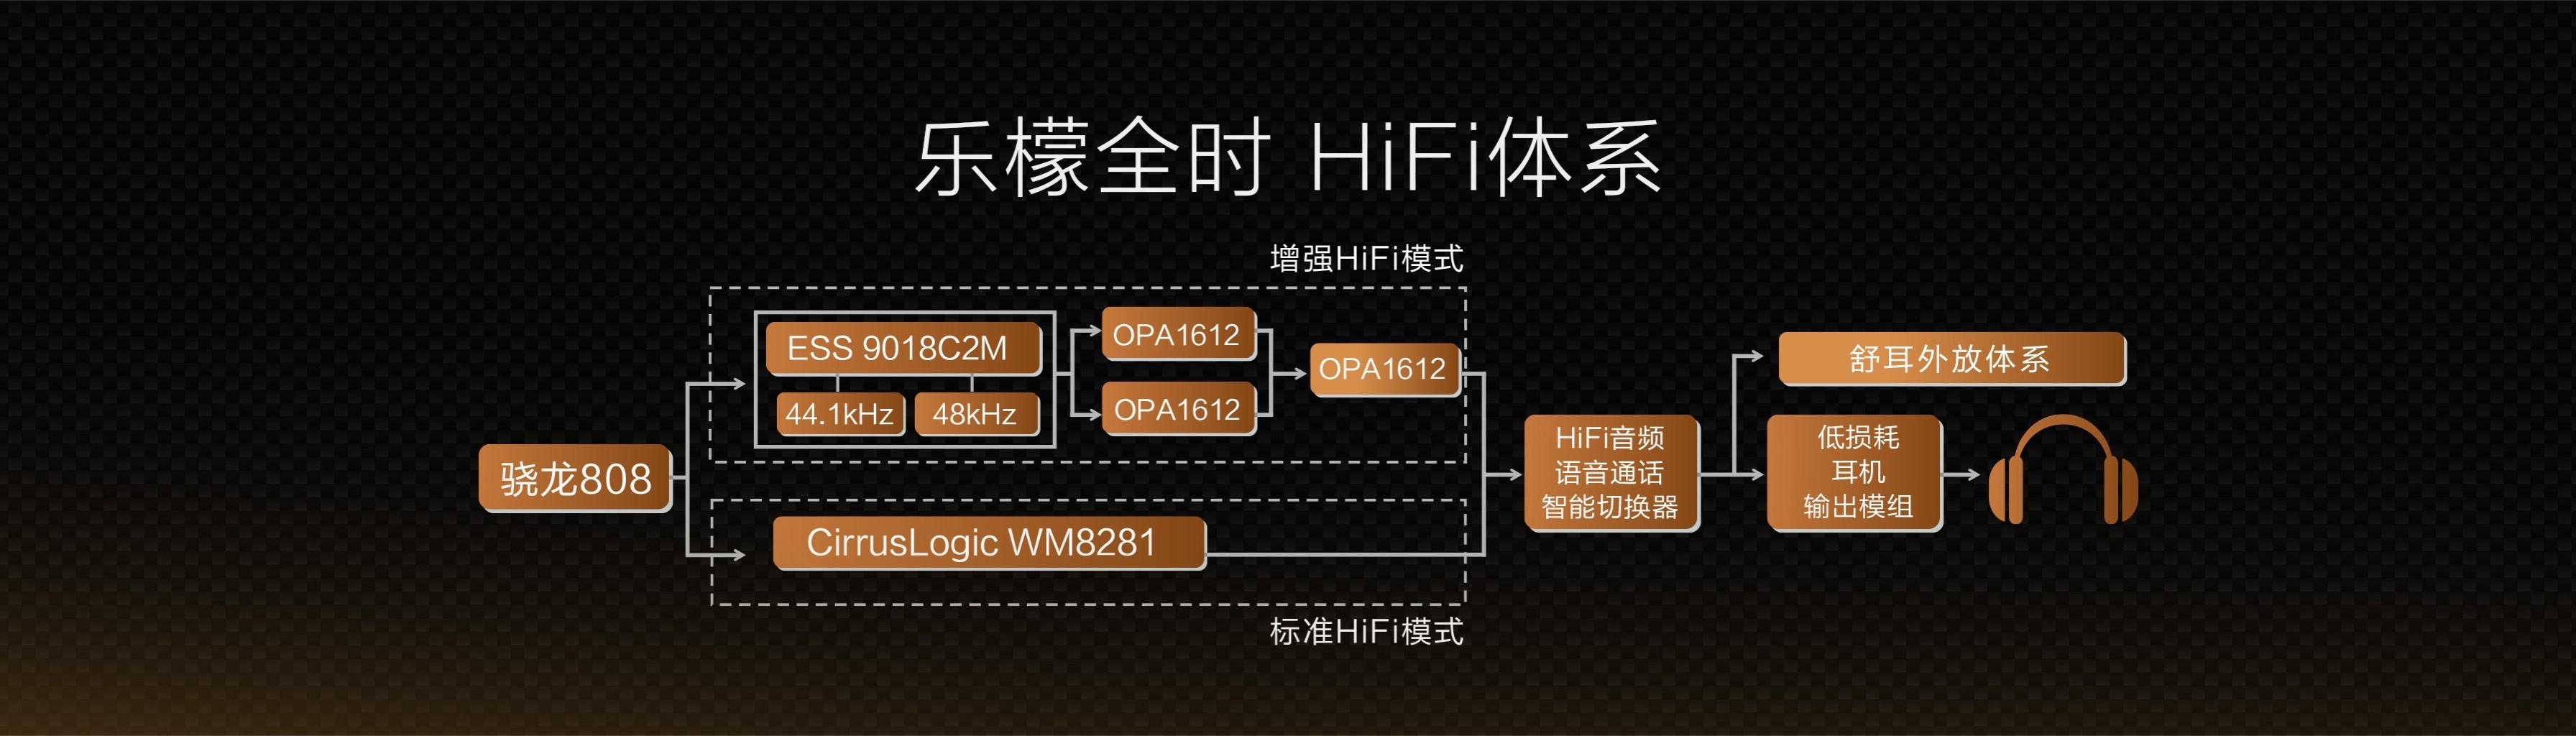 首先乐檬X3从芯片的硬件架构、应用场景、内容生态上设计了一个全新的 HiFi 体系:全时HiFi,做到了全时段、 全场景的手机HiFi。硬件方面, 乐檬X3搭载了两颗高品质的HiFi音频解码芯片,来自于CirrusLogic 的WM8281,和旗舰级音频解码芯片ES9018C2M,达成了独家双通 路全时HiFi架构,和传统的HiFi 仅有单路解码芯片形成了鲜明的对比。针对于现如今很多知名耳机的阻抗高,难推的问题,乐檬X3采用了三颗来自于美国德州仪器的顶级HiFi运放OPA1612,进行了前后级双放大的改进